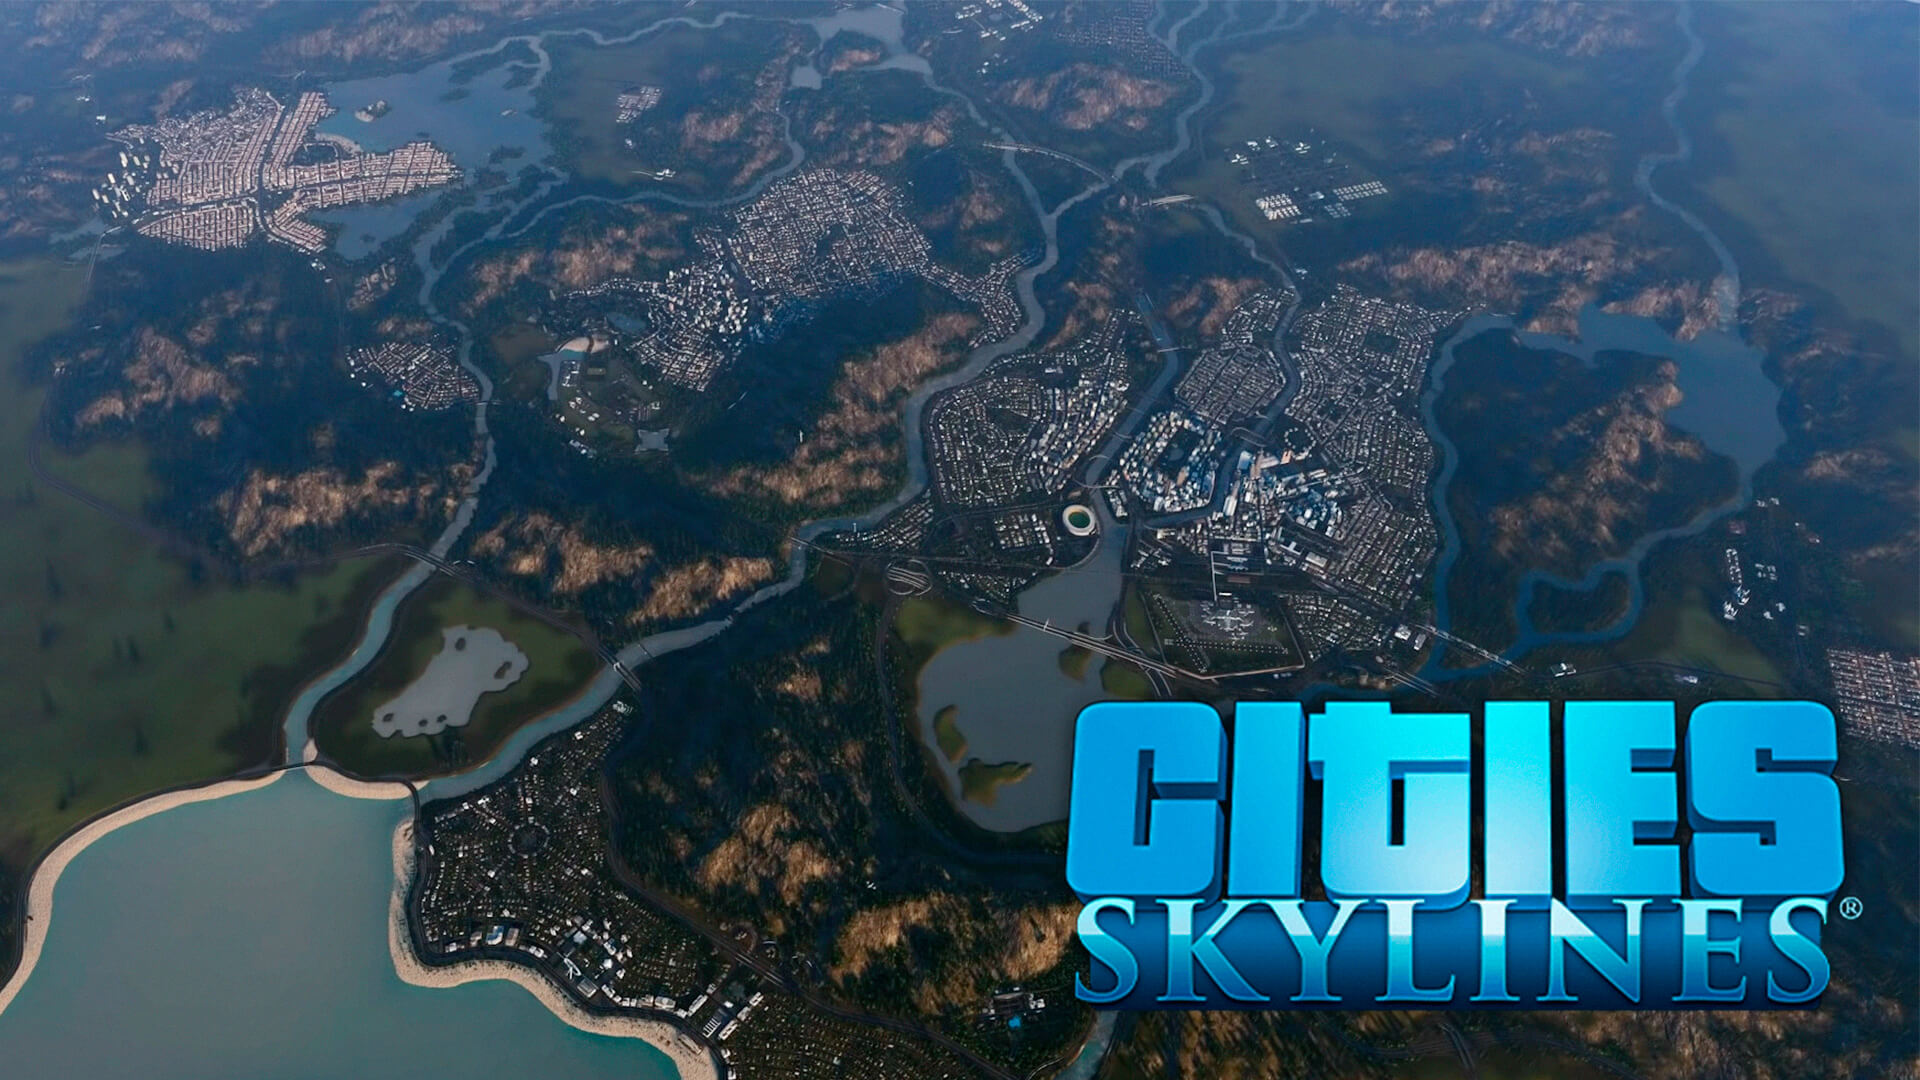 Um brasileiro, jogador de Cities Skylines está construindo uma cidade incrível no jogo da Paradox e vem postando a sua evolução no YouTube.